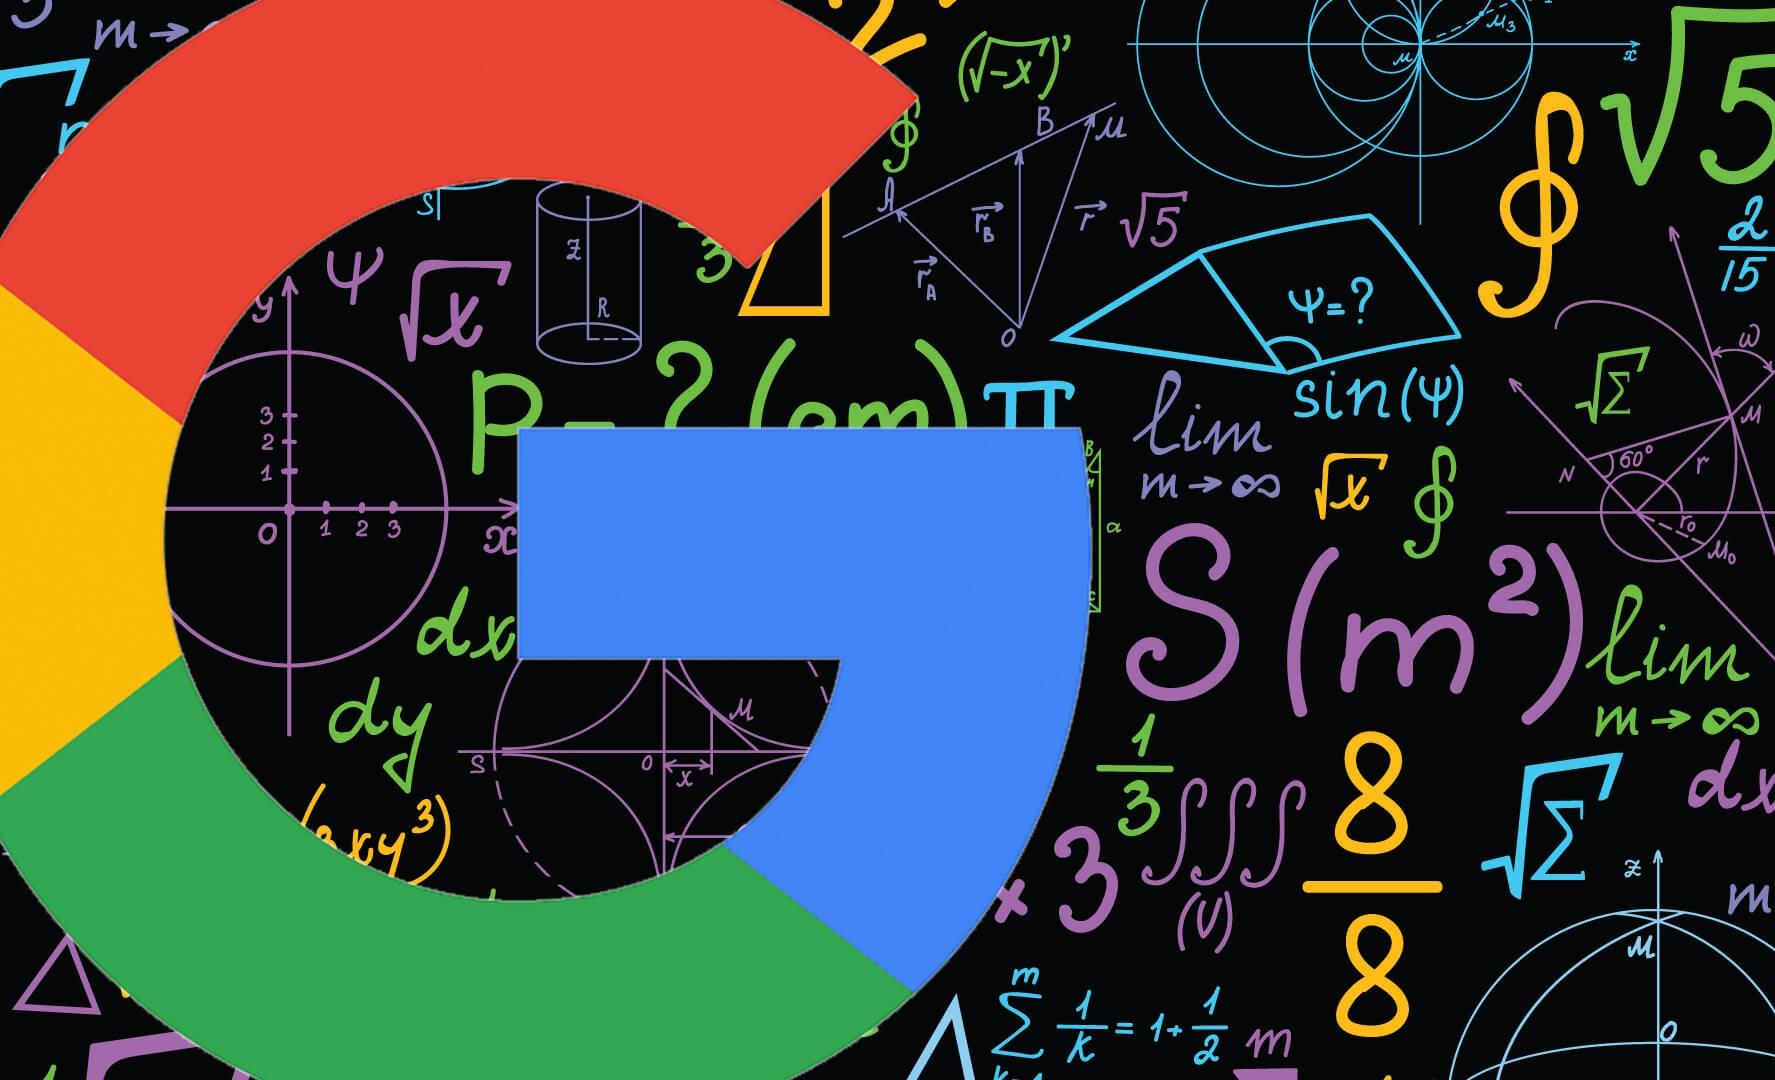 Google cập nhật thuật toán lõi rộng tháng 3: Florida 2 ảnh hưởng các doanh nghiệp như thế nào? (Phần 1)